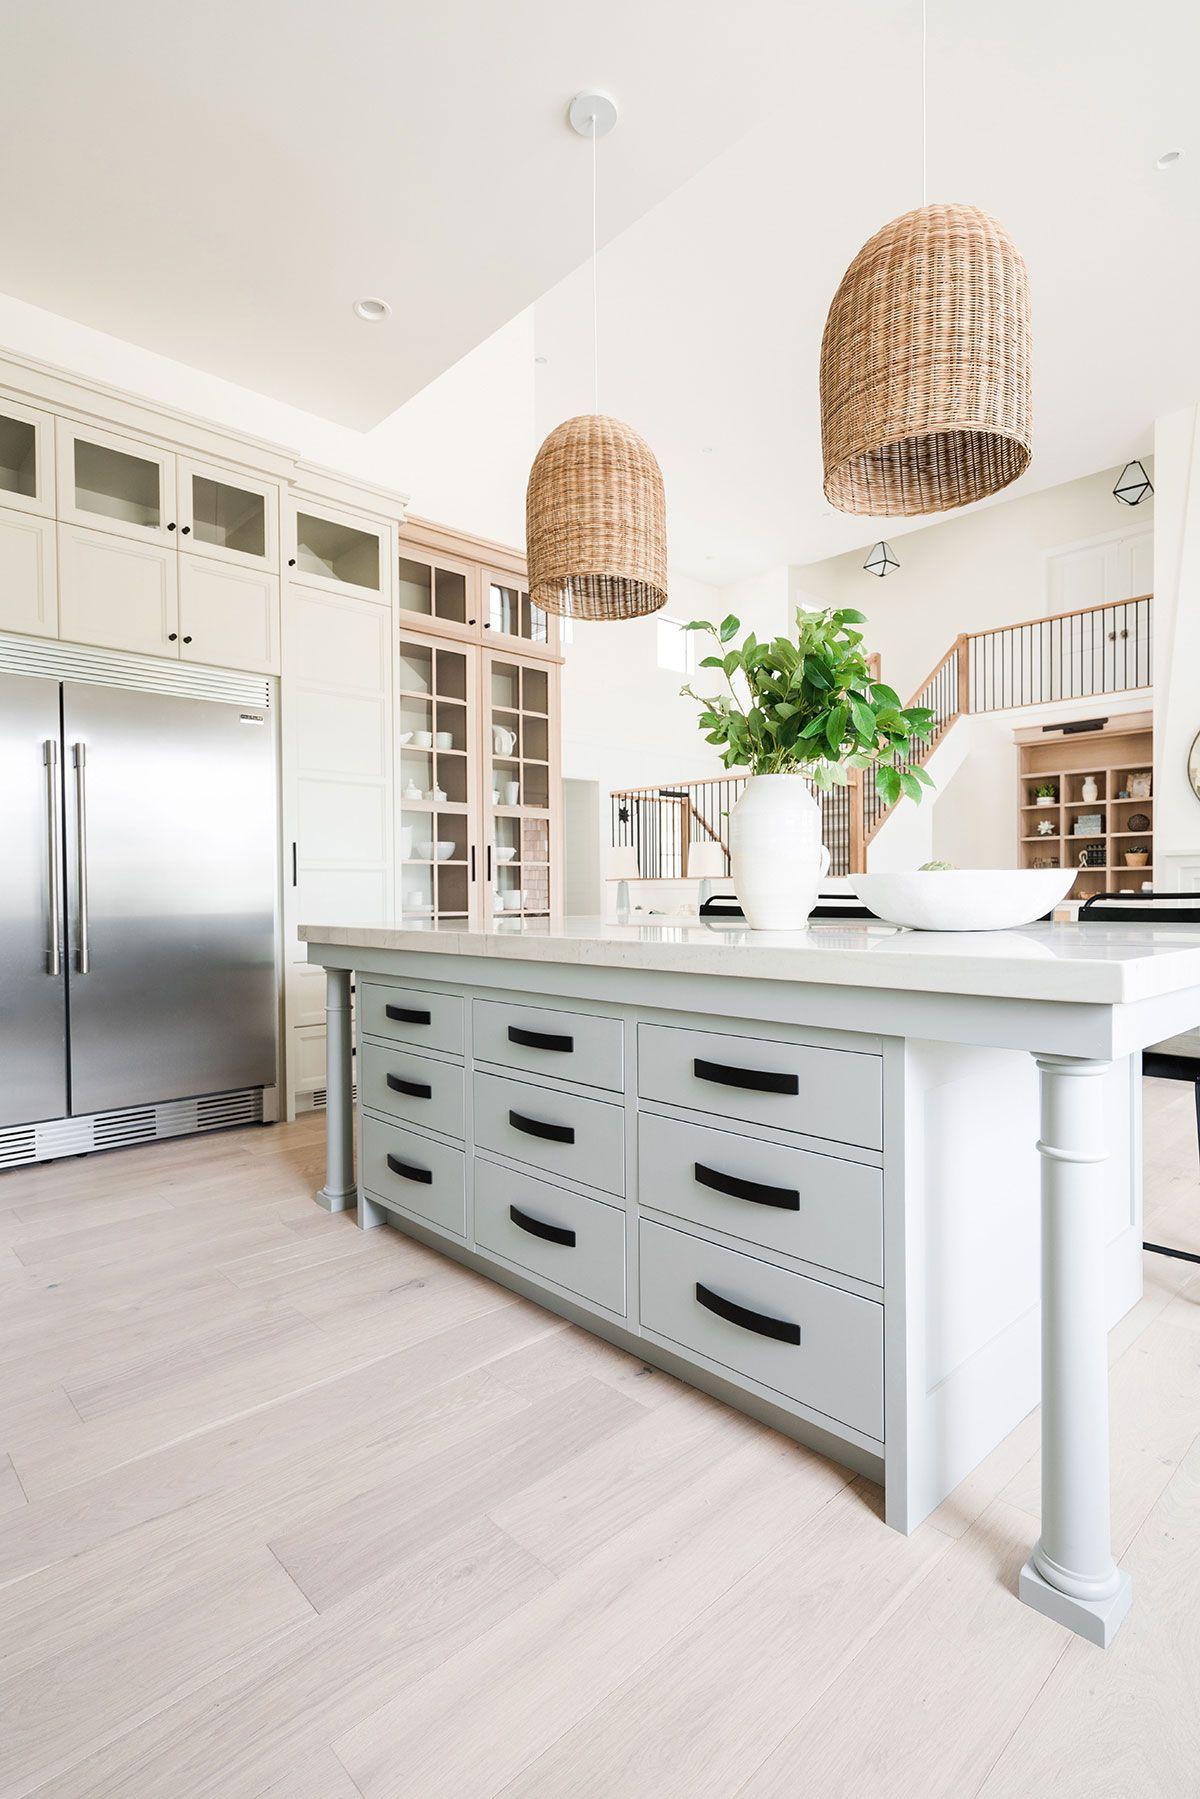 Best Island Bm Boothbay Gray Mollie Kitchen Deco Design 400 x 300